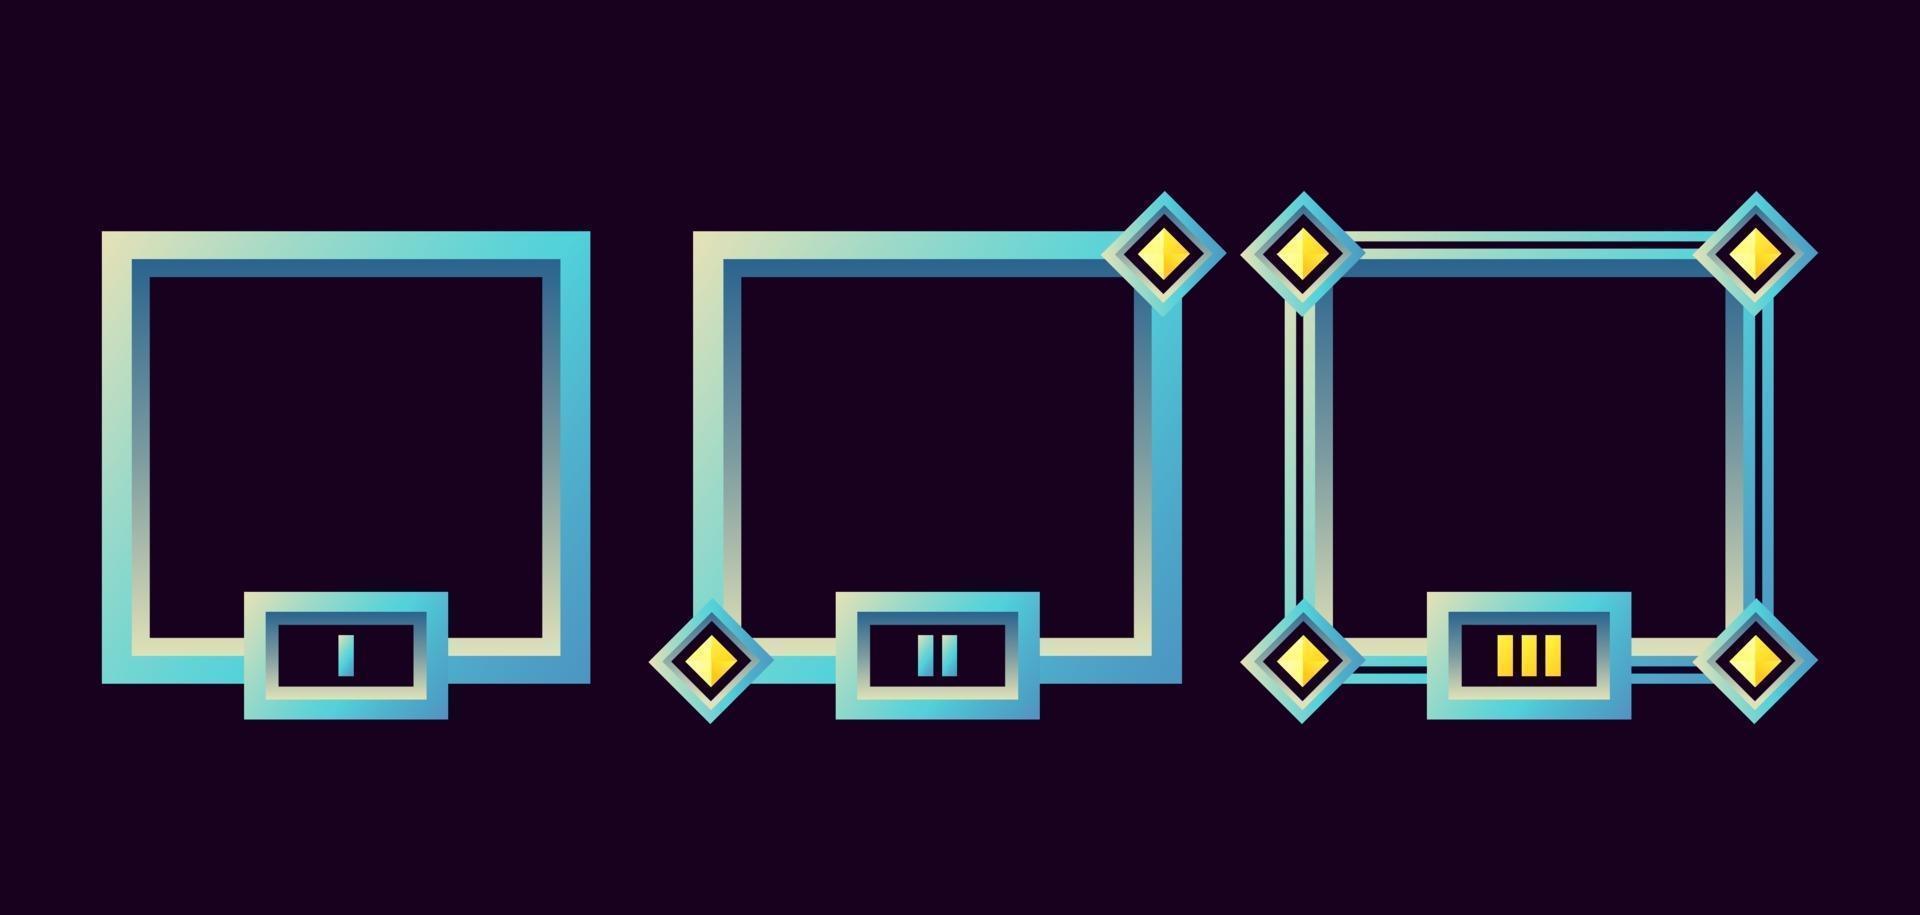 moldura de borda de interface do usuário de jogo de fantasia com ilustração vetorial de grau vetor